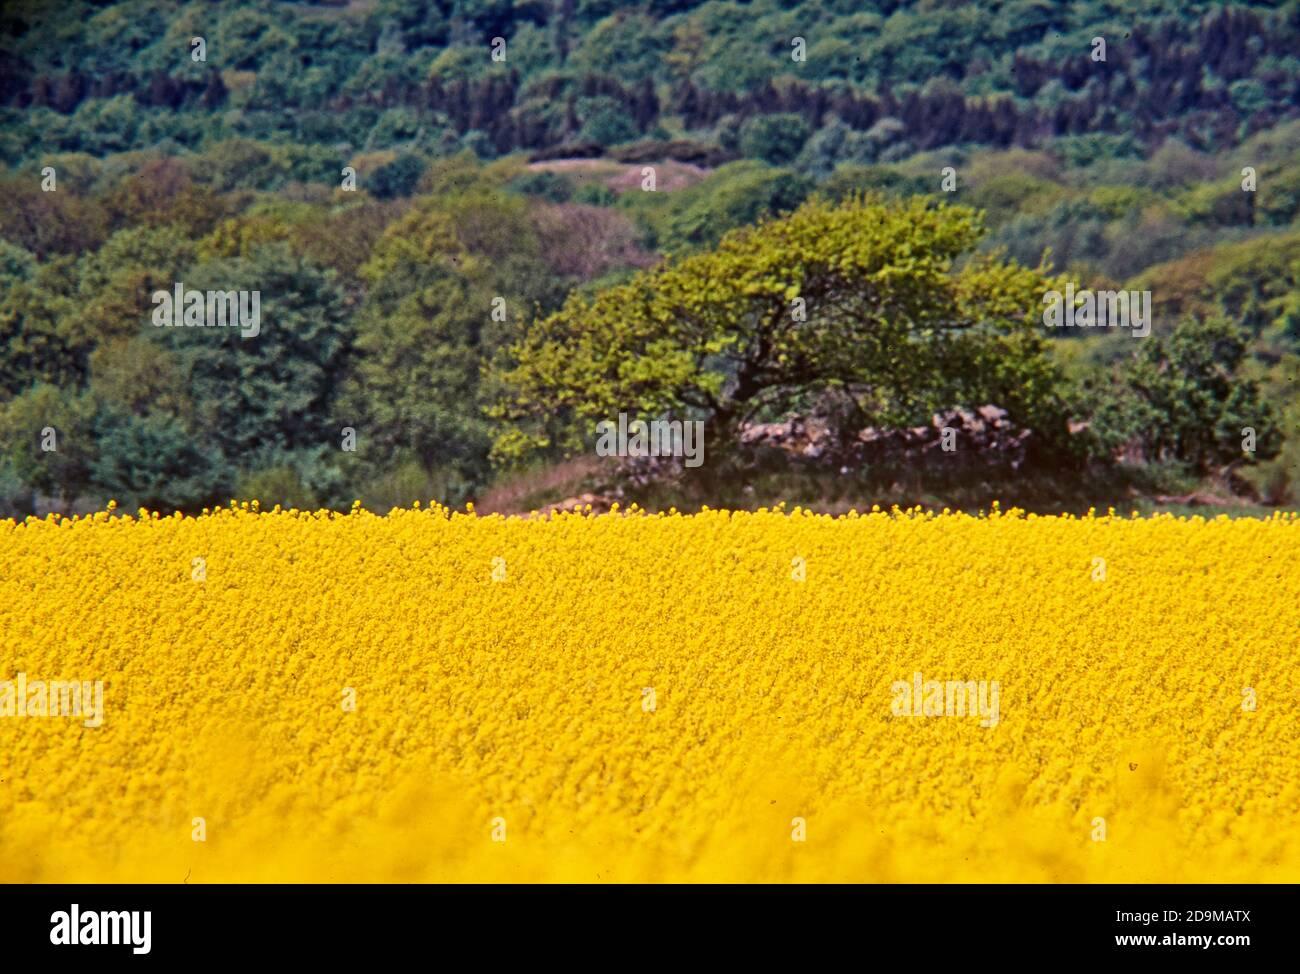 Rapes de semillas oleaginosas (Brassica napus) en un campo con bosque en el fondo, Vastergotland, Suecia Foto de stock